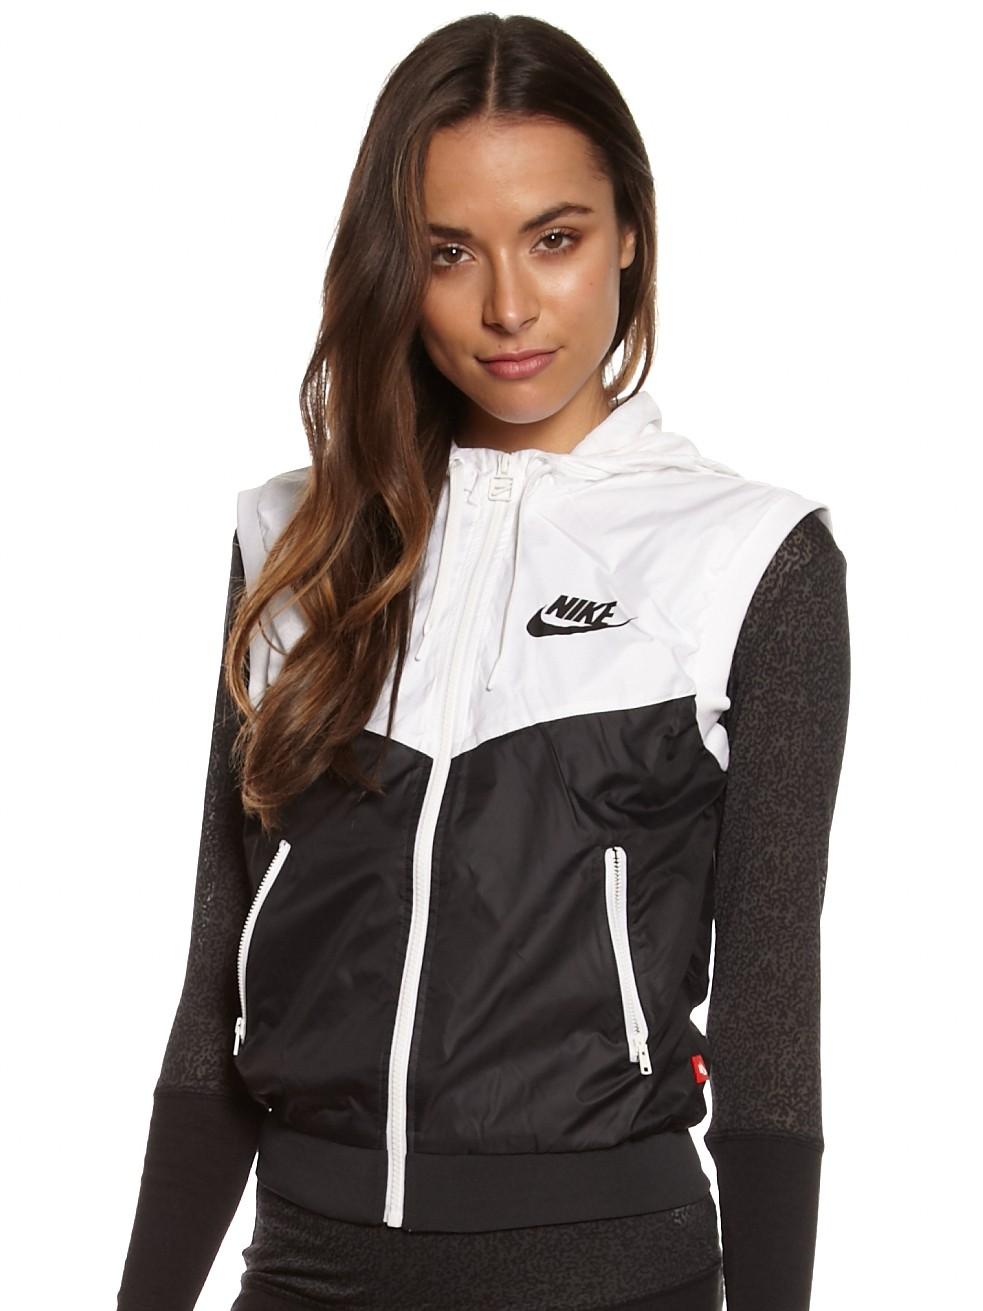 Nike Veste Windrunner Des Femmes De Chemise Blanche